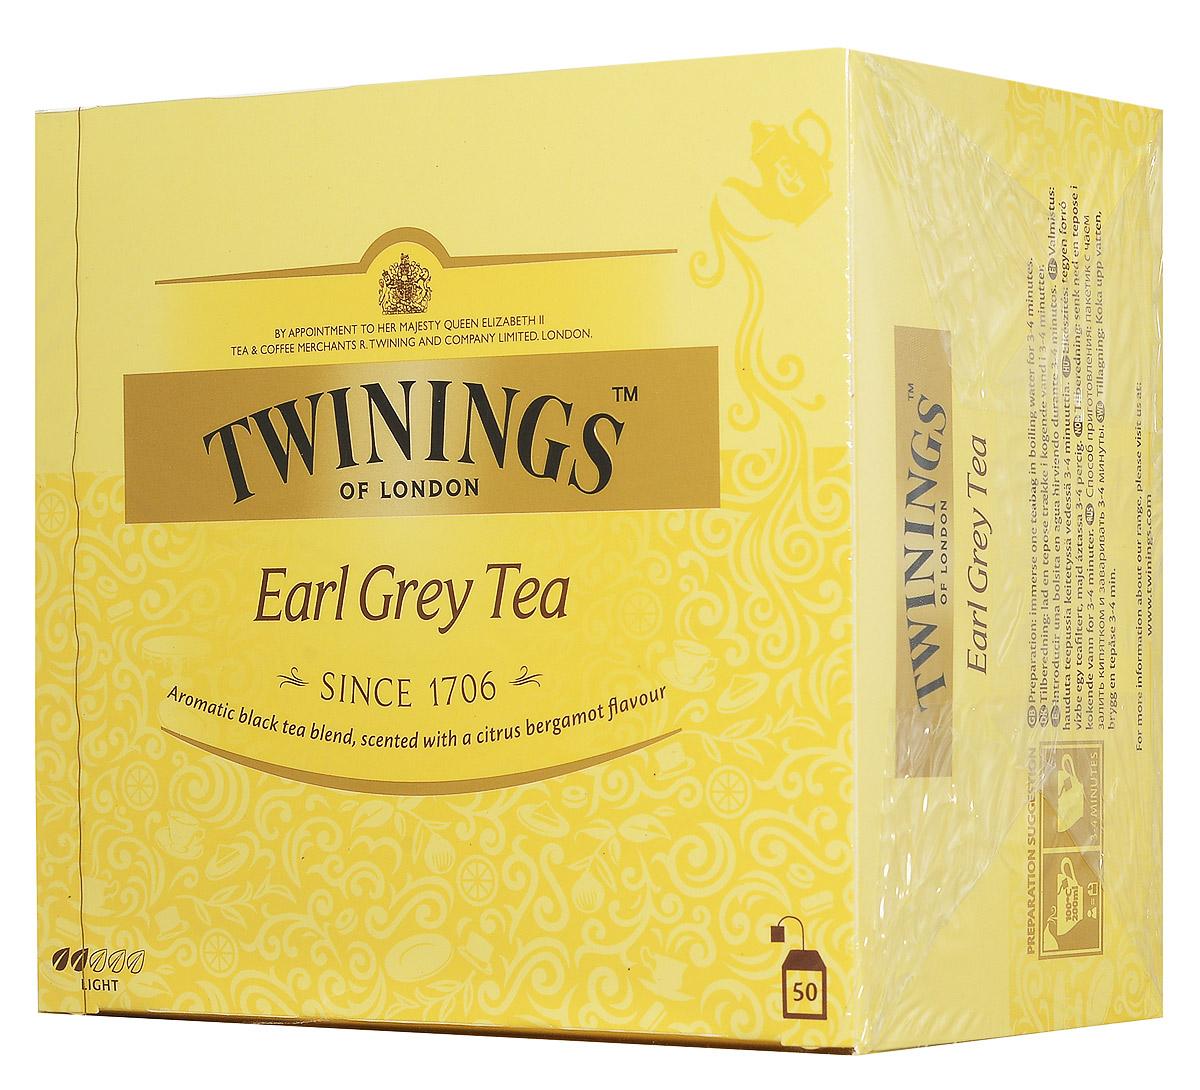 Twinings Earl Grey чай черный в пакетиках, 50 шт701159Черный чай Twinings Earl Grey является неотъемлемой частью традиционного английского чаепития. Насыщенный черный чай, ароматизированный натуральным маслом из кожуры бергамота, дает яркий настой со сладким ароматом и цитрусовым привкусом.